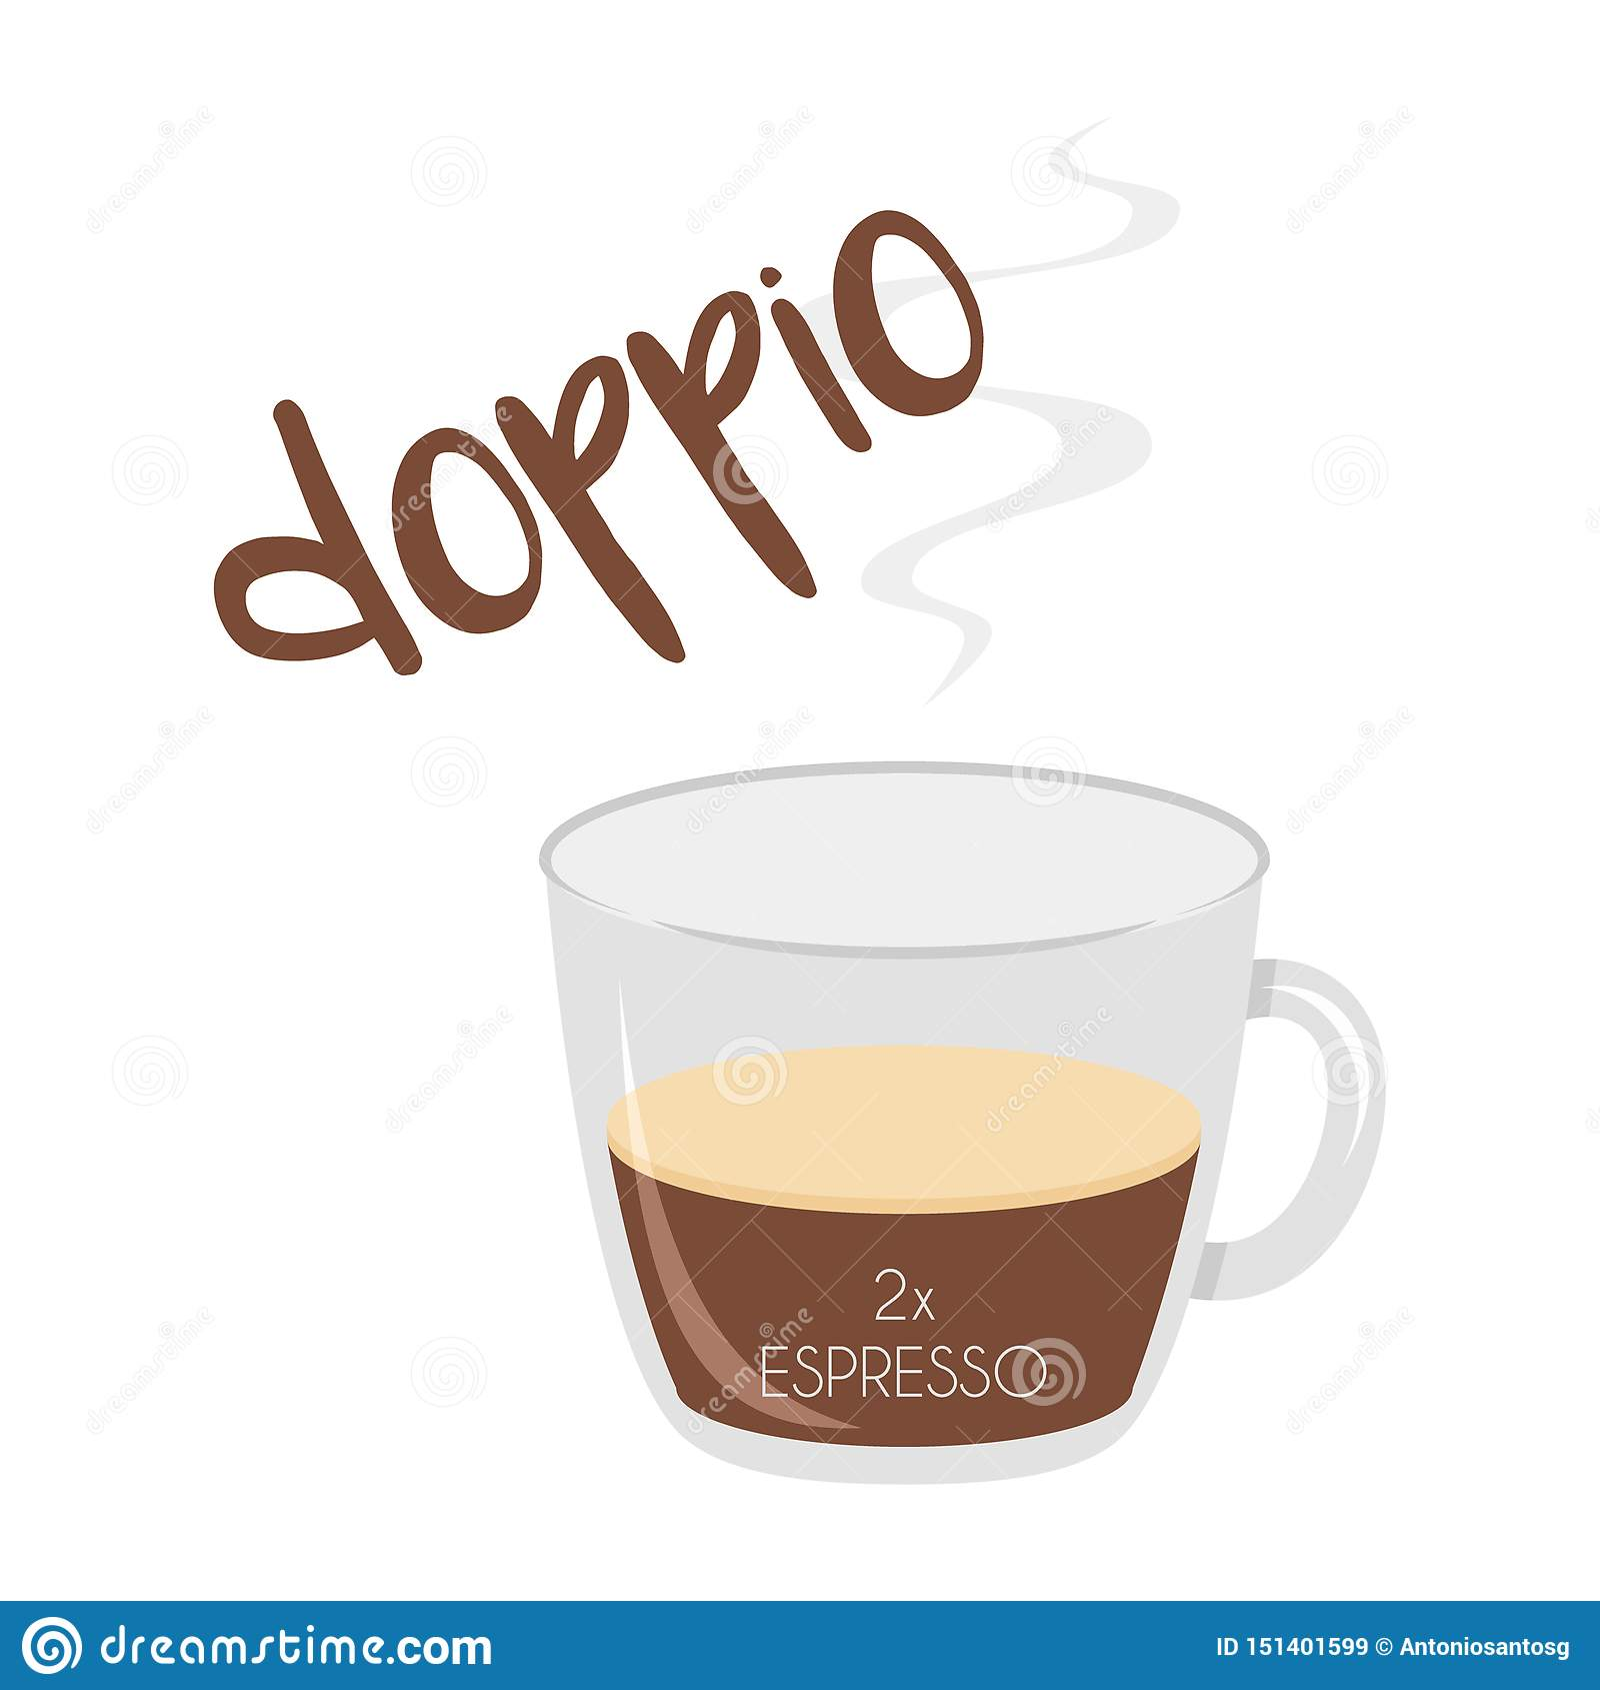 Vector Illustration Of An Espresso Doppio Coffee Cup Icon